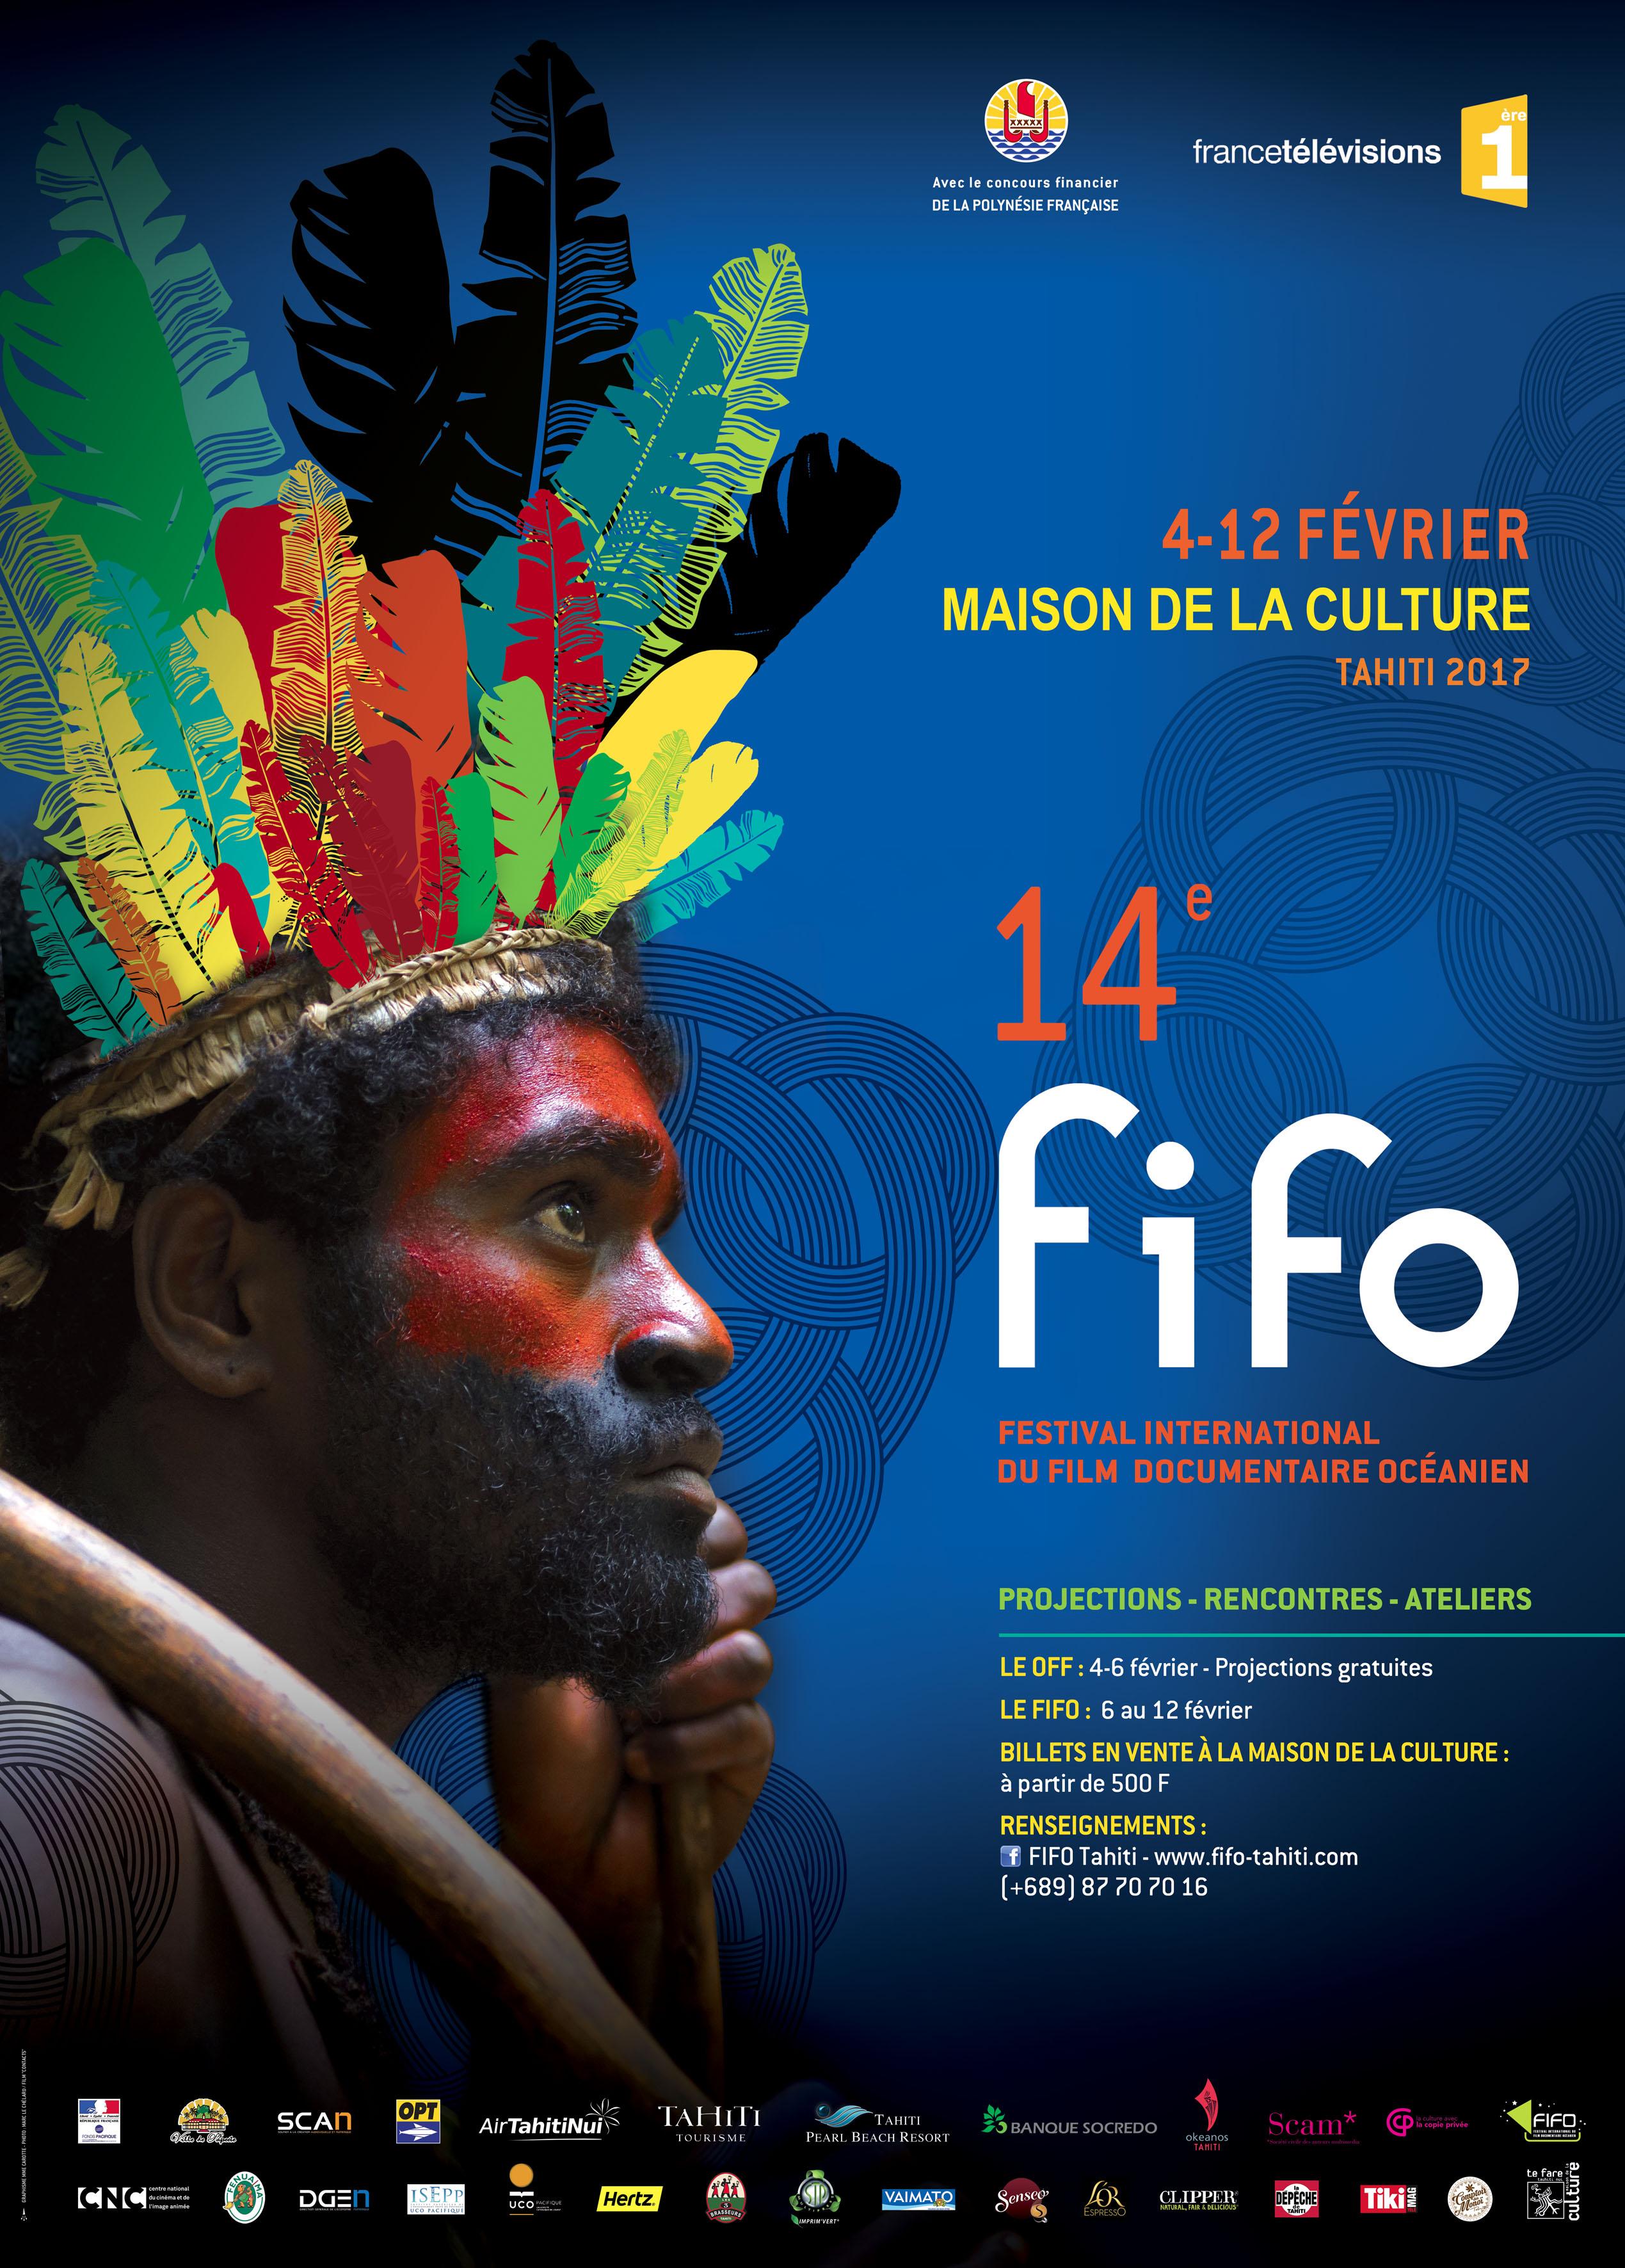 Fifo 2017 : le voyage en Océanie commence samedi